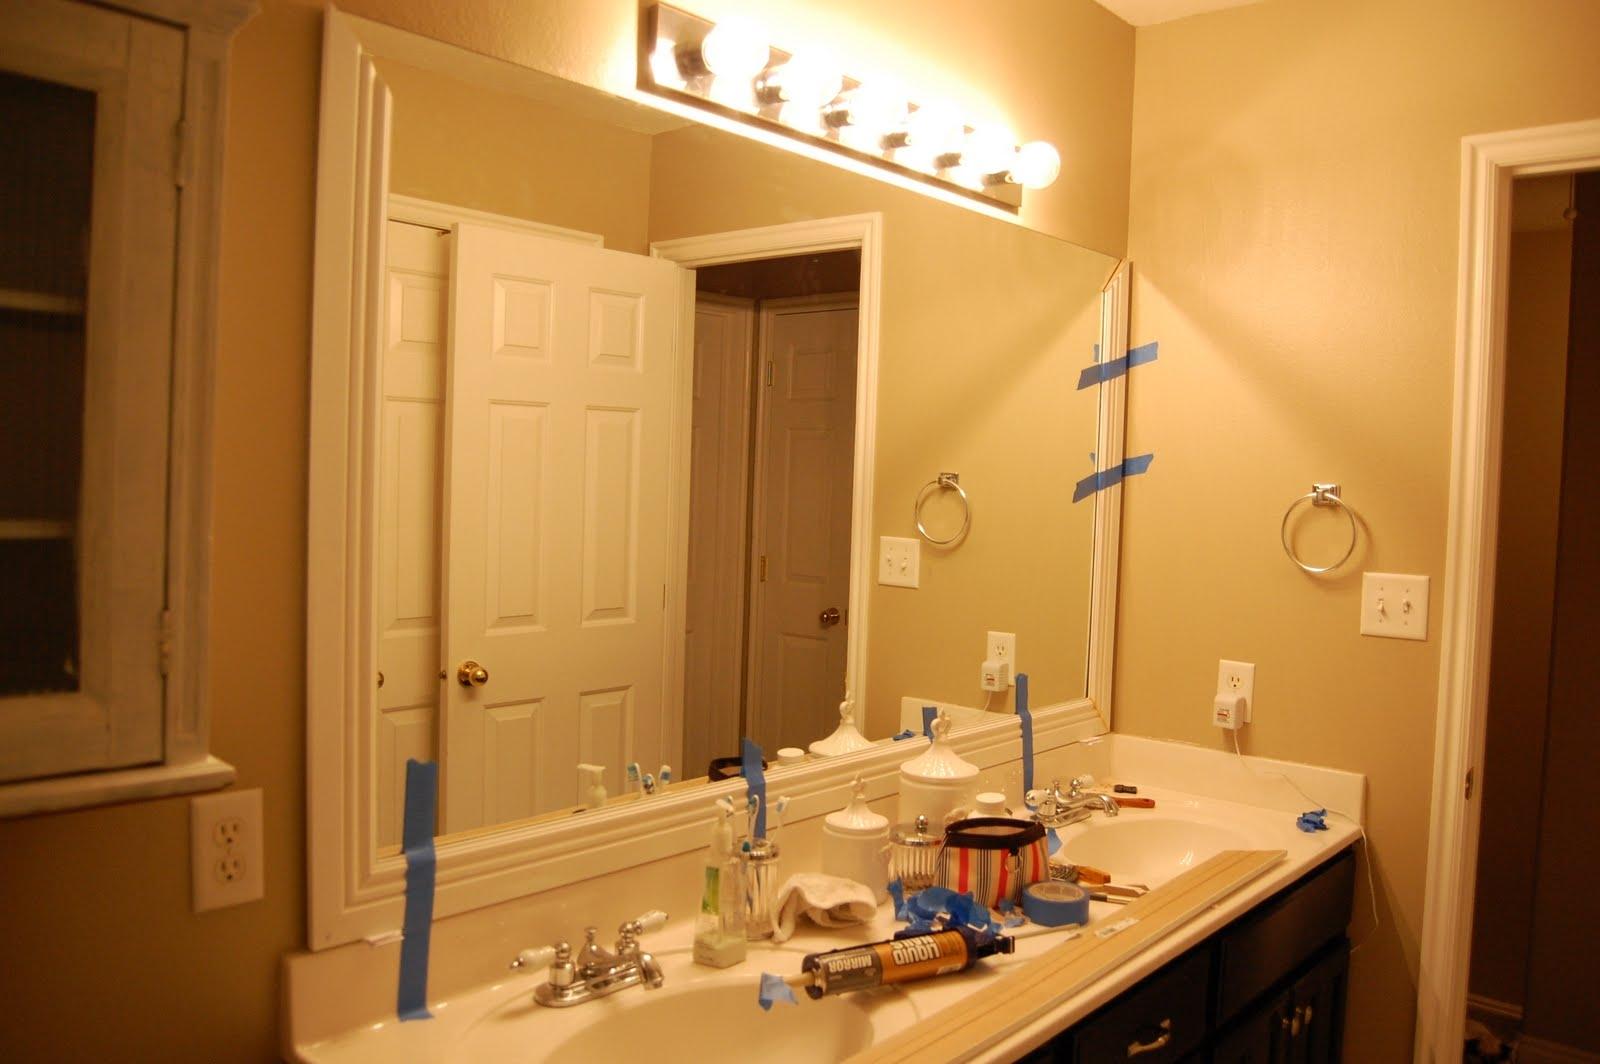 Bathroom Mirror Wood Trim